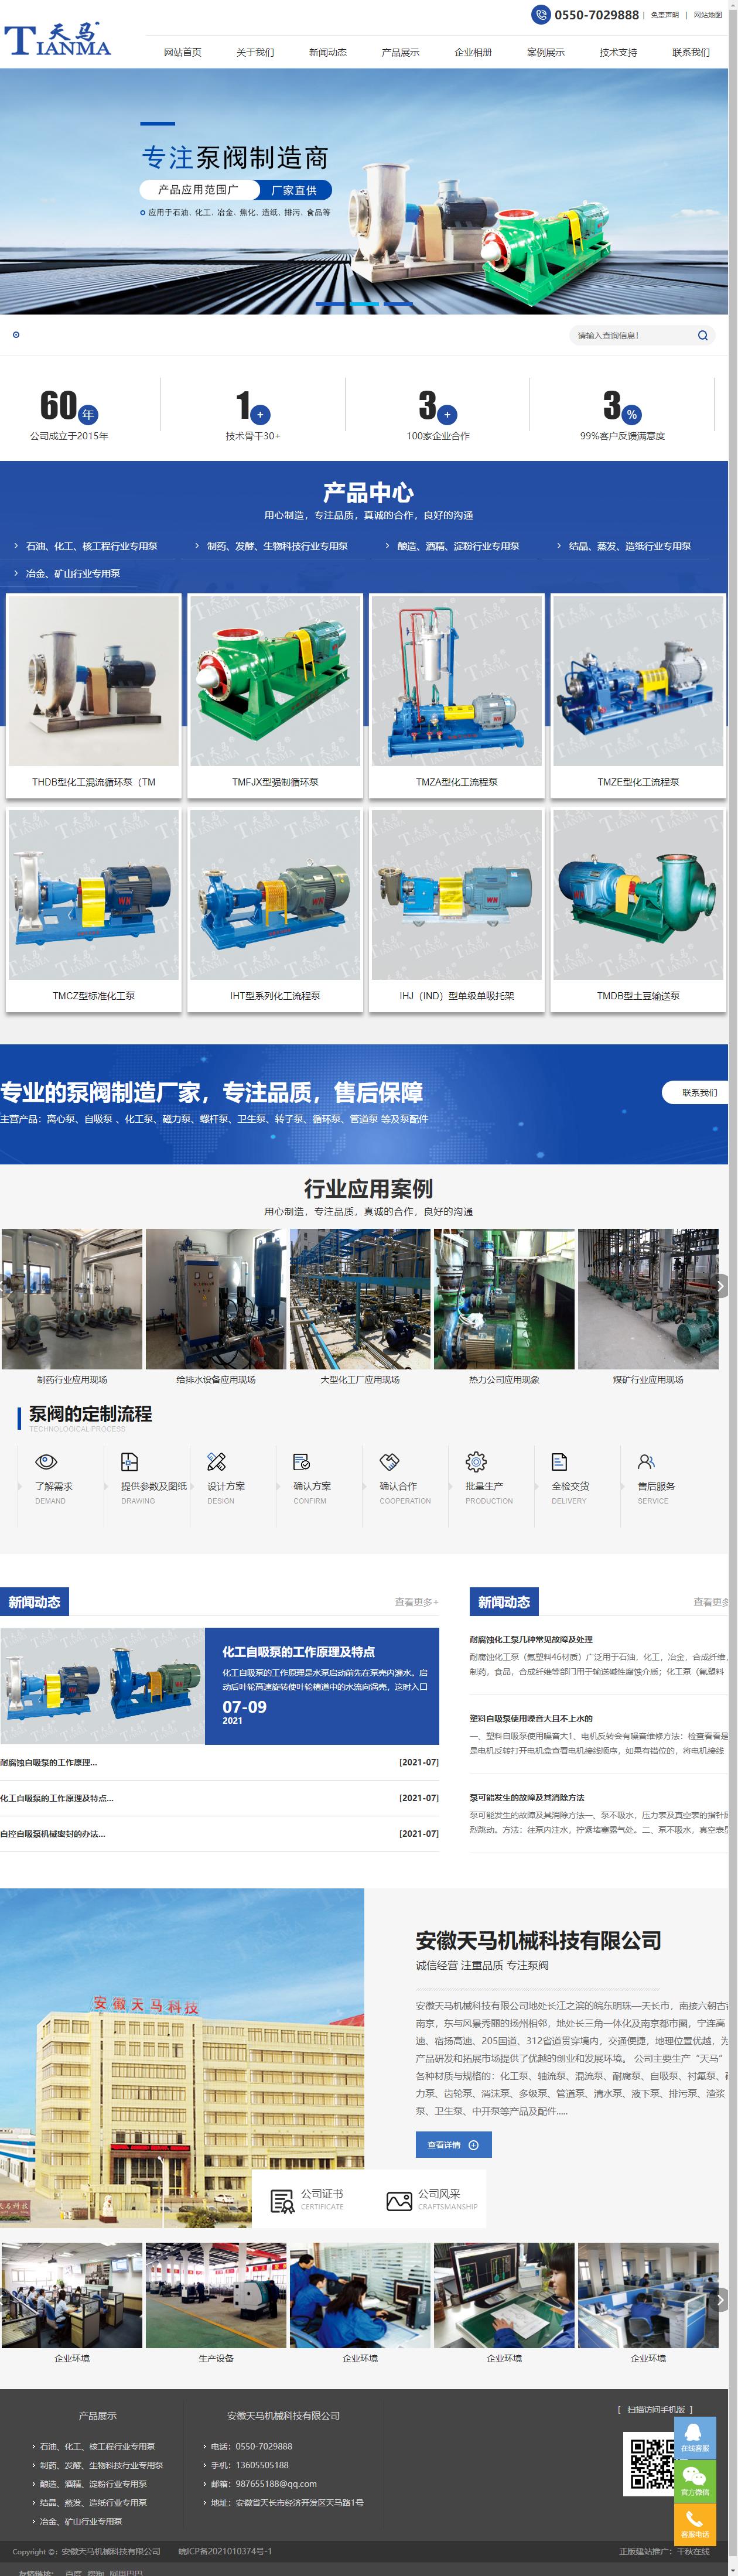 安徽天马机械科技有限公司网站案例